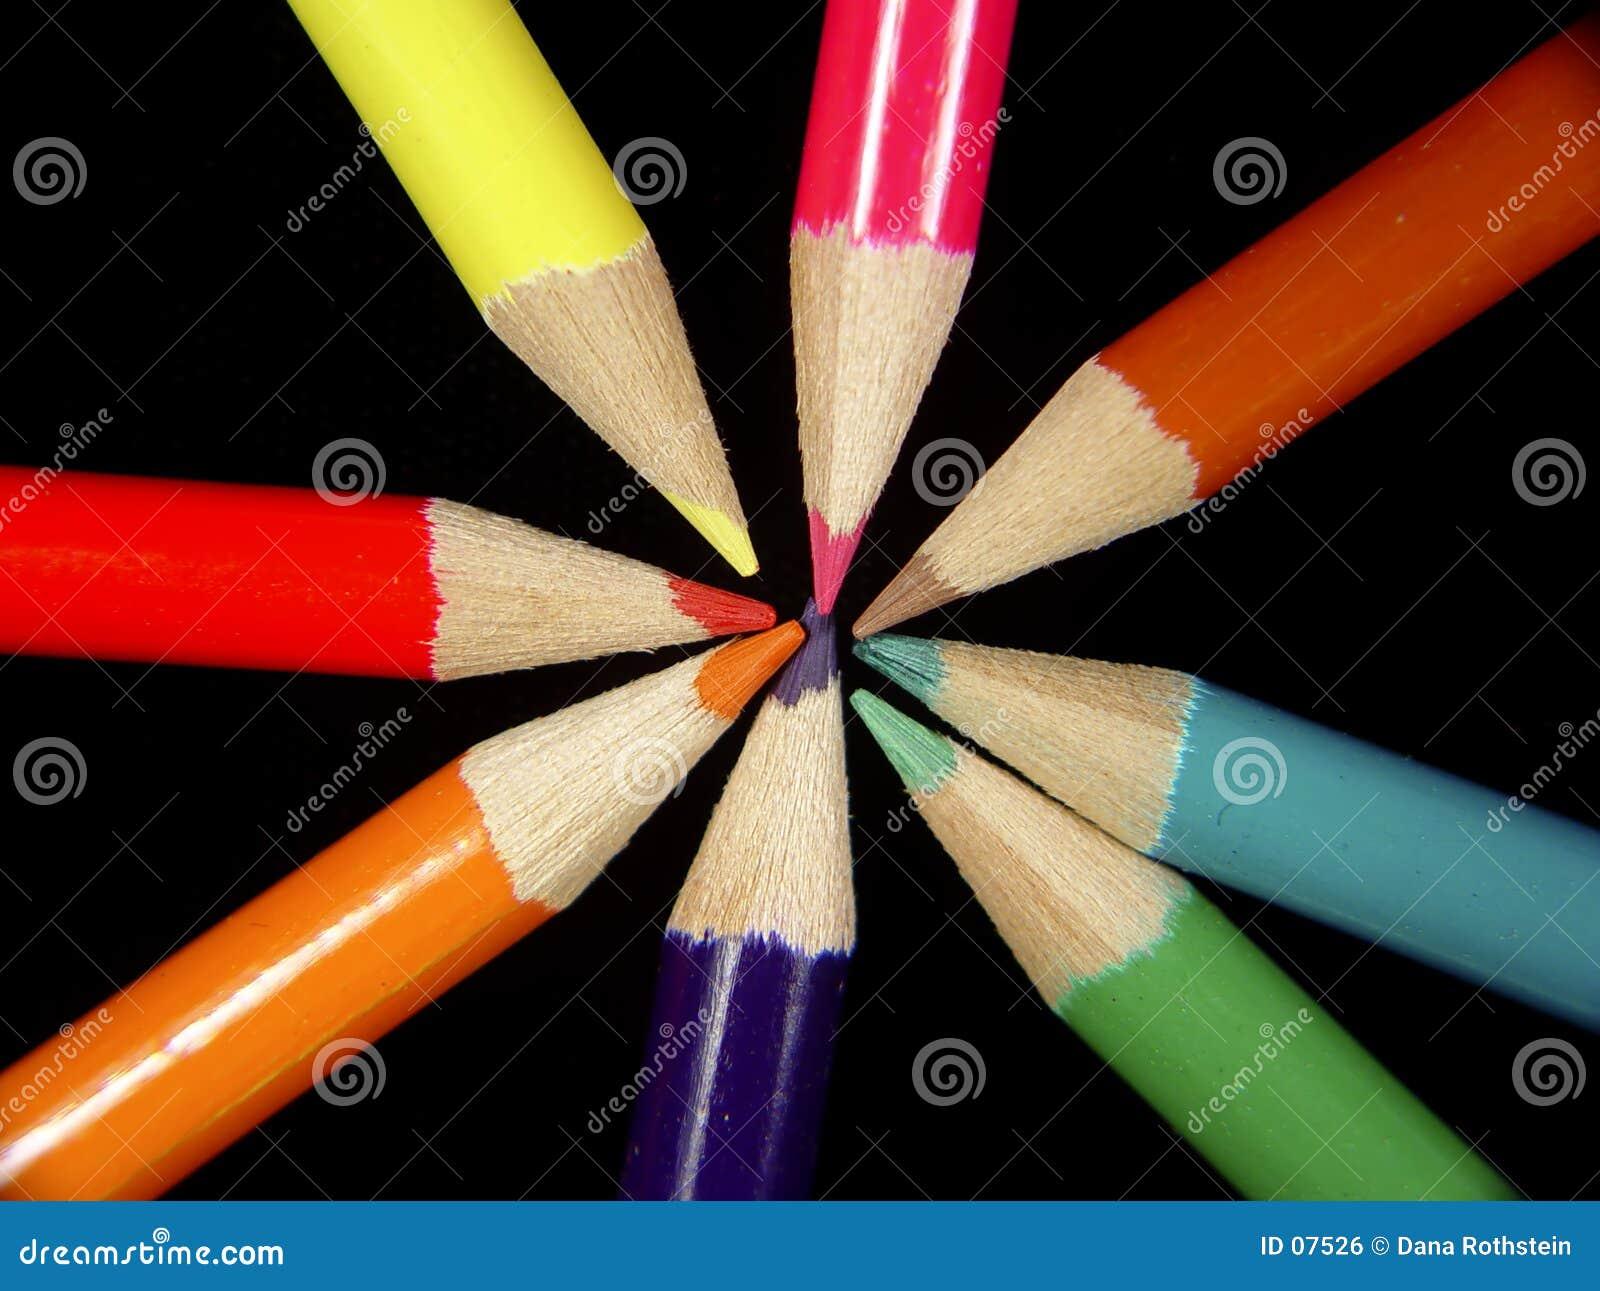 Farbige Bleistifte 2